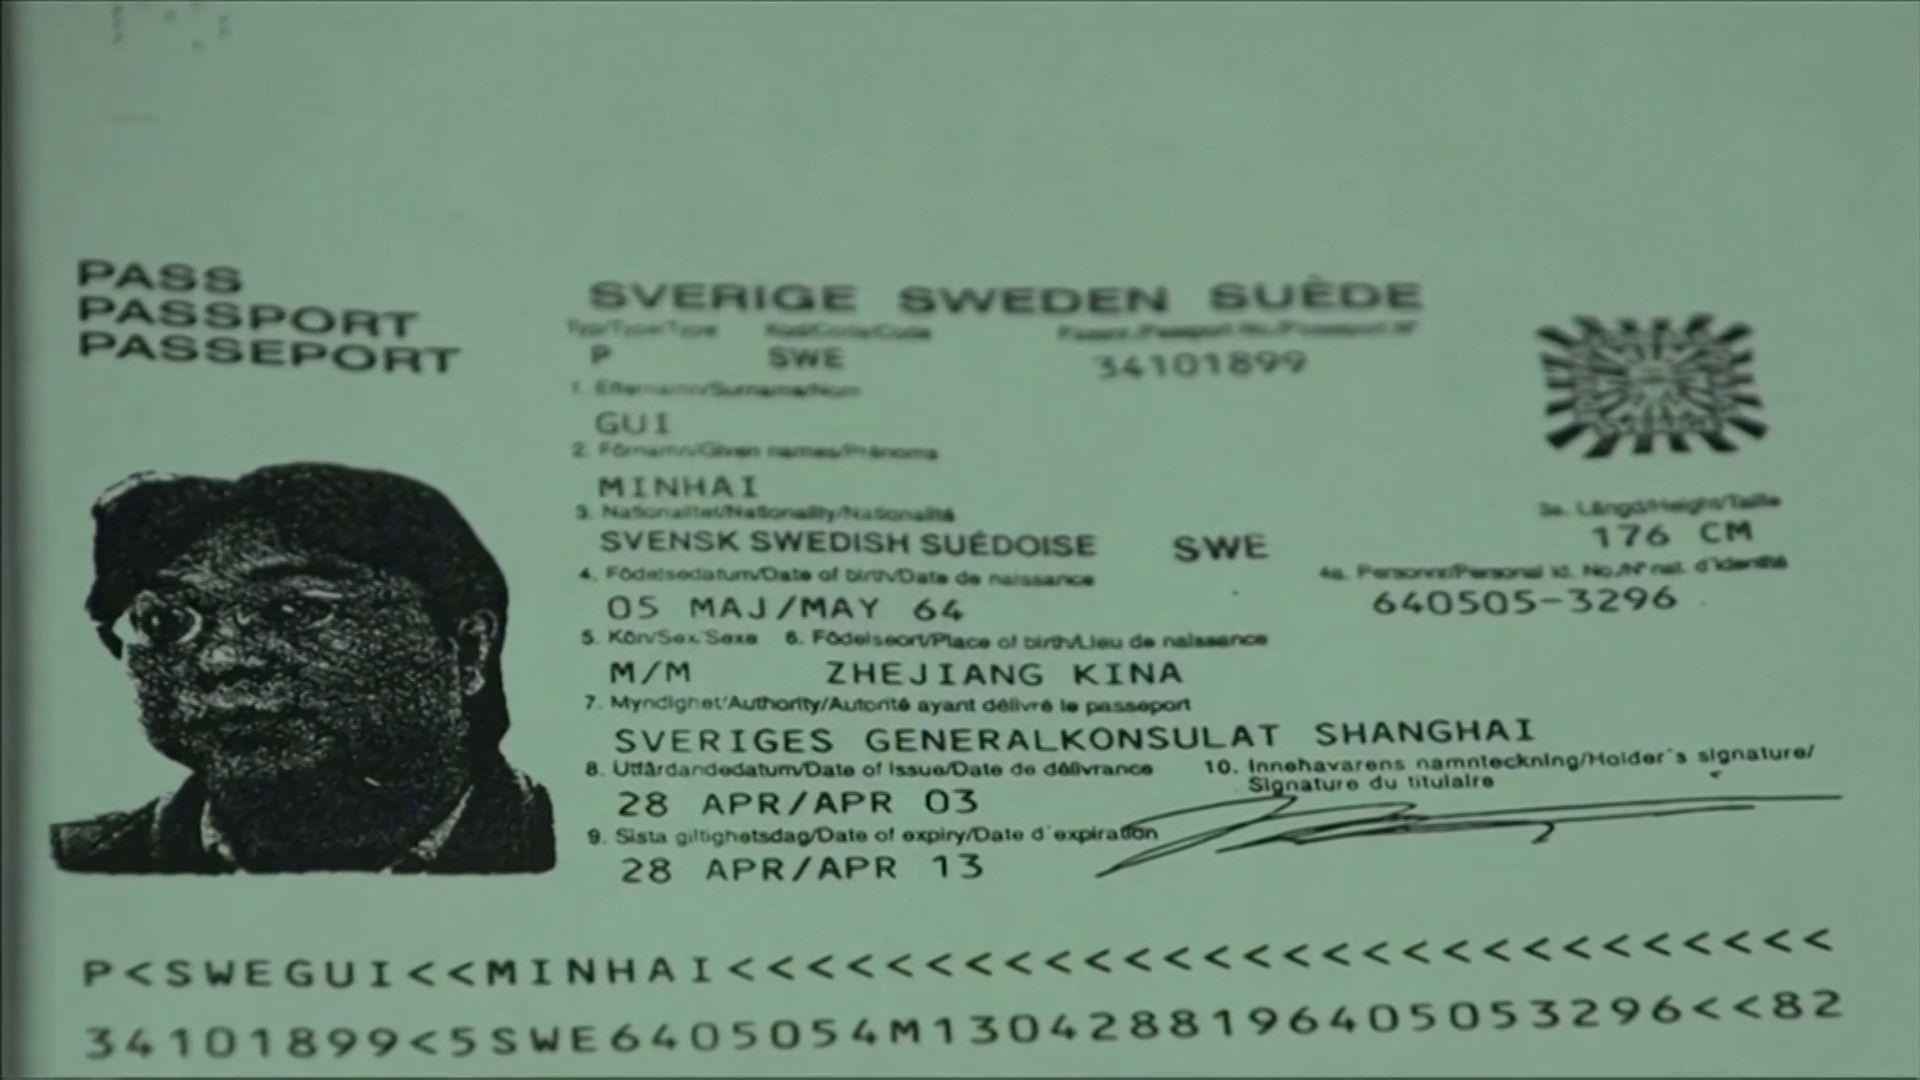 Gui Minhai viajó a Suecia tras la represión en Tiananmen en 1989, y allí hizo un doctorado, se casó, tuvo una hija y se naturalizó ciudadano.